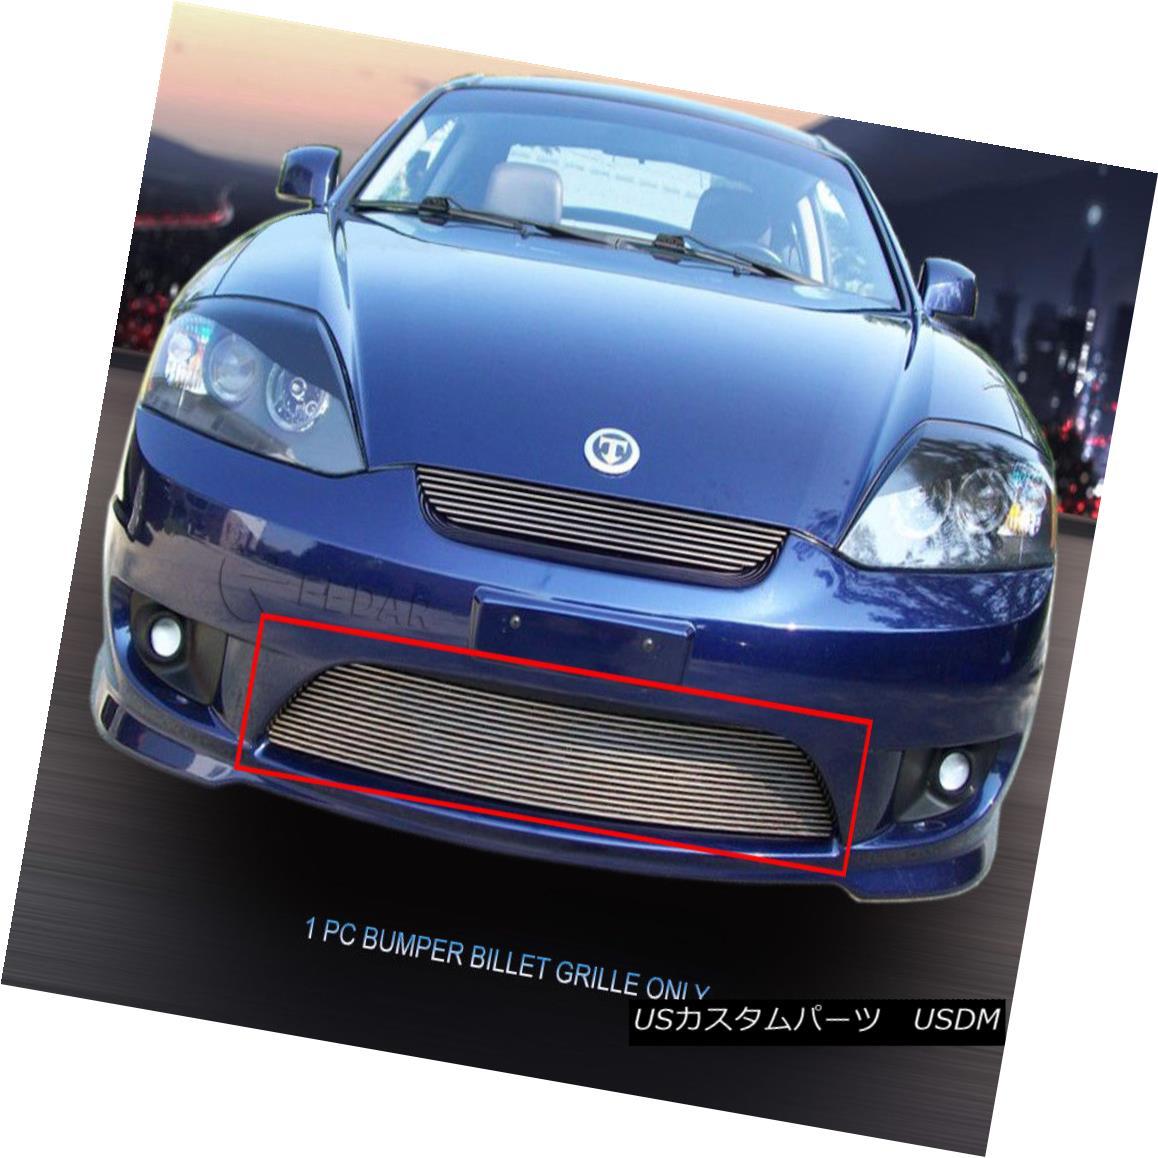 グリル Fits 2005 2006 Hyundai Tiburon Bolt On Billet Grille Bumper Grill Insert Fedar フィット2005年2005現代ティブロンボルトオンビレットグリルバンパーグリルインサートFedar